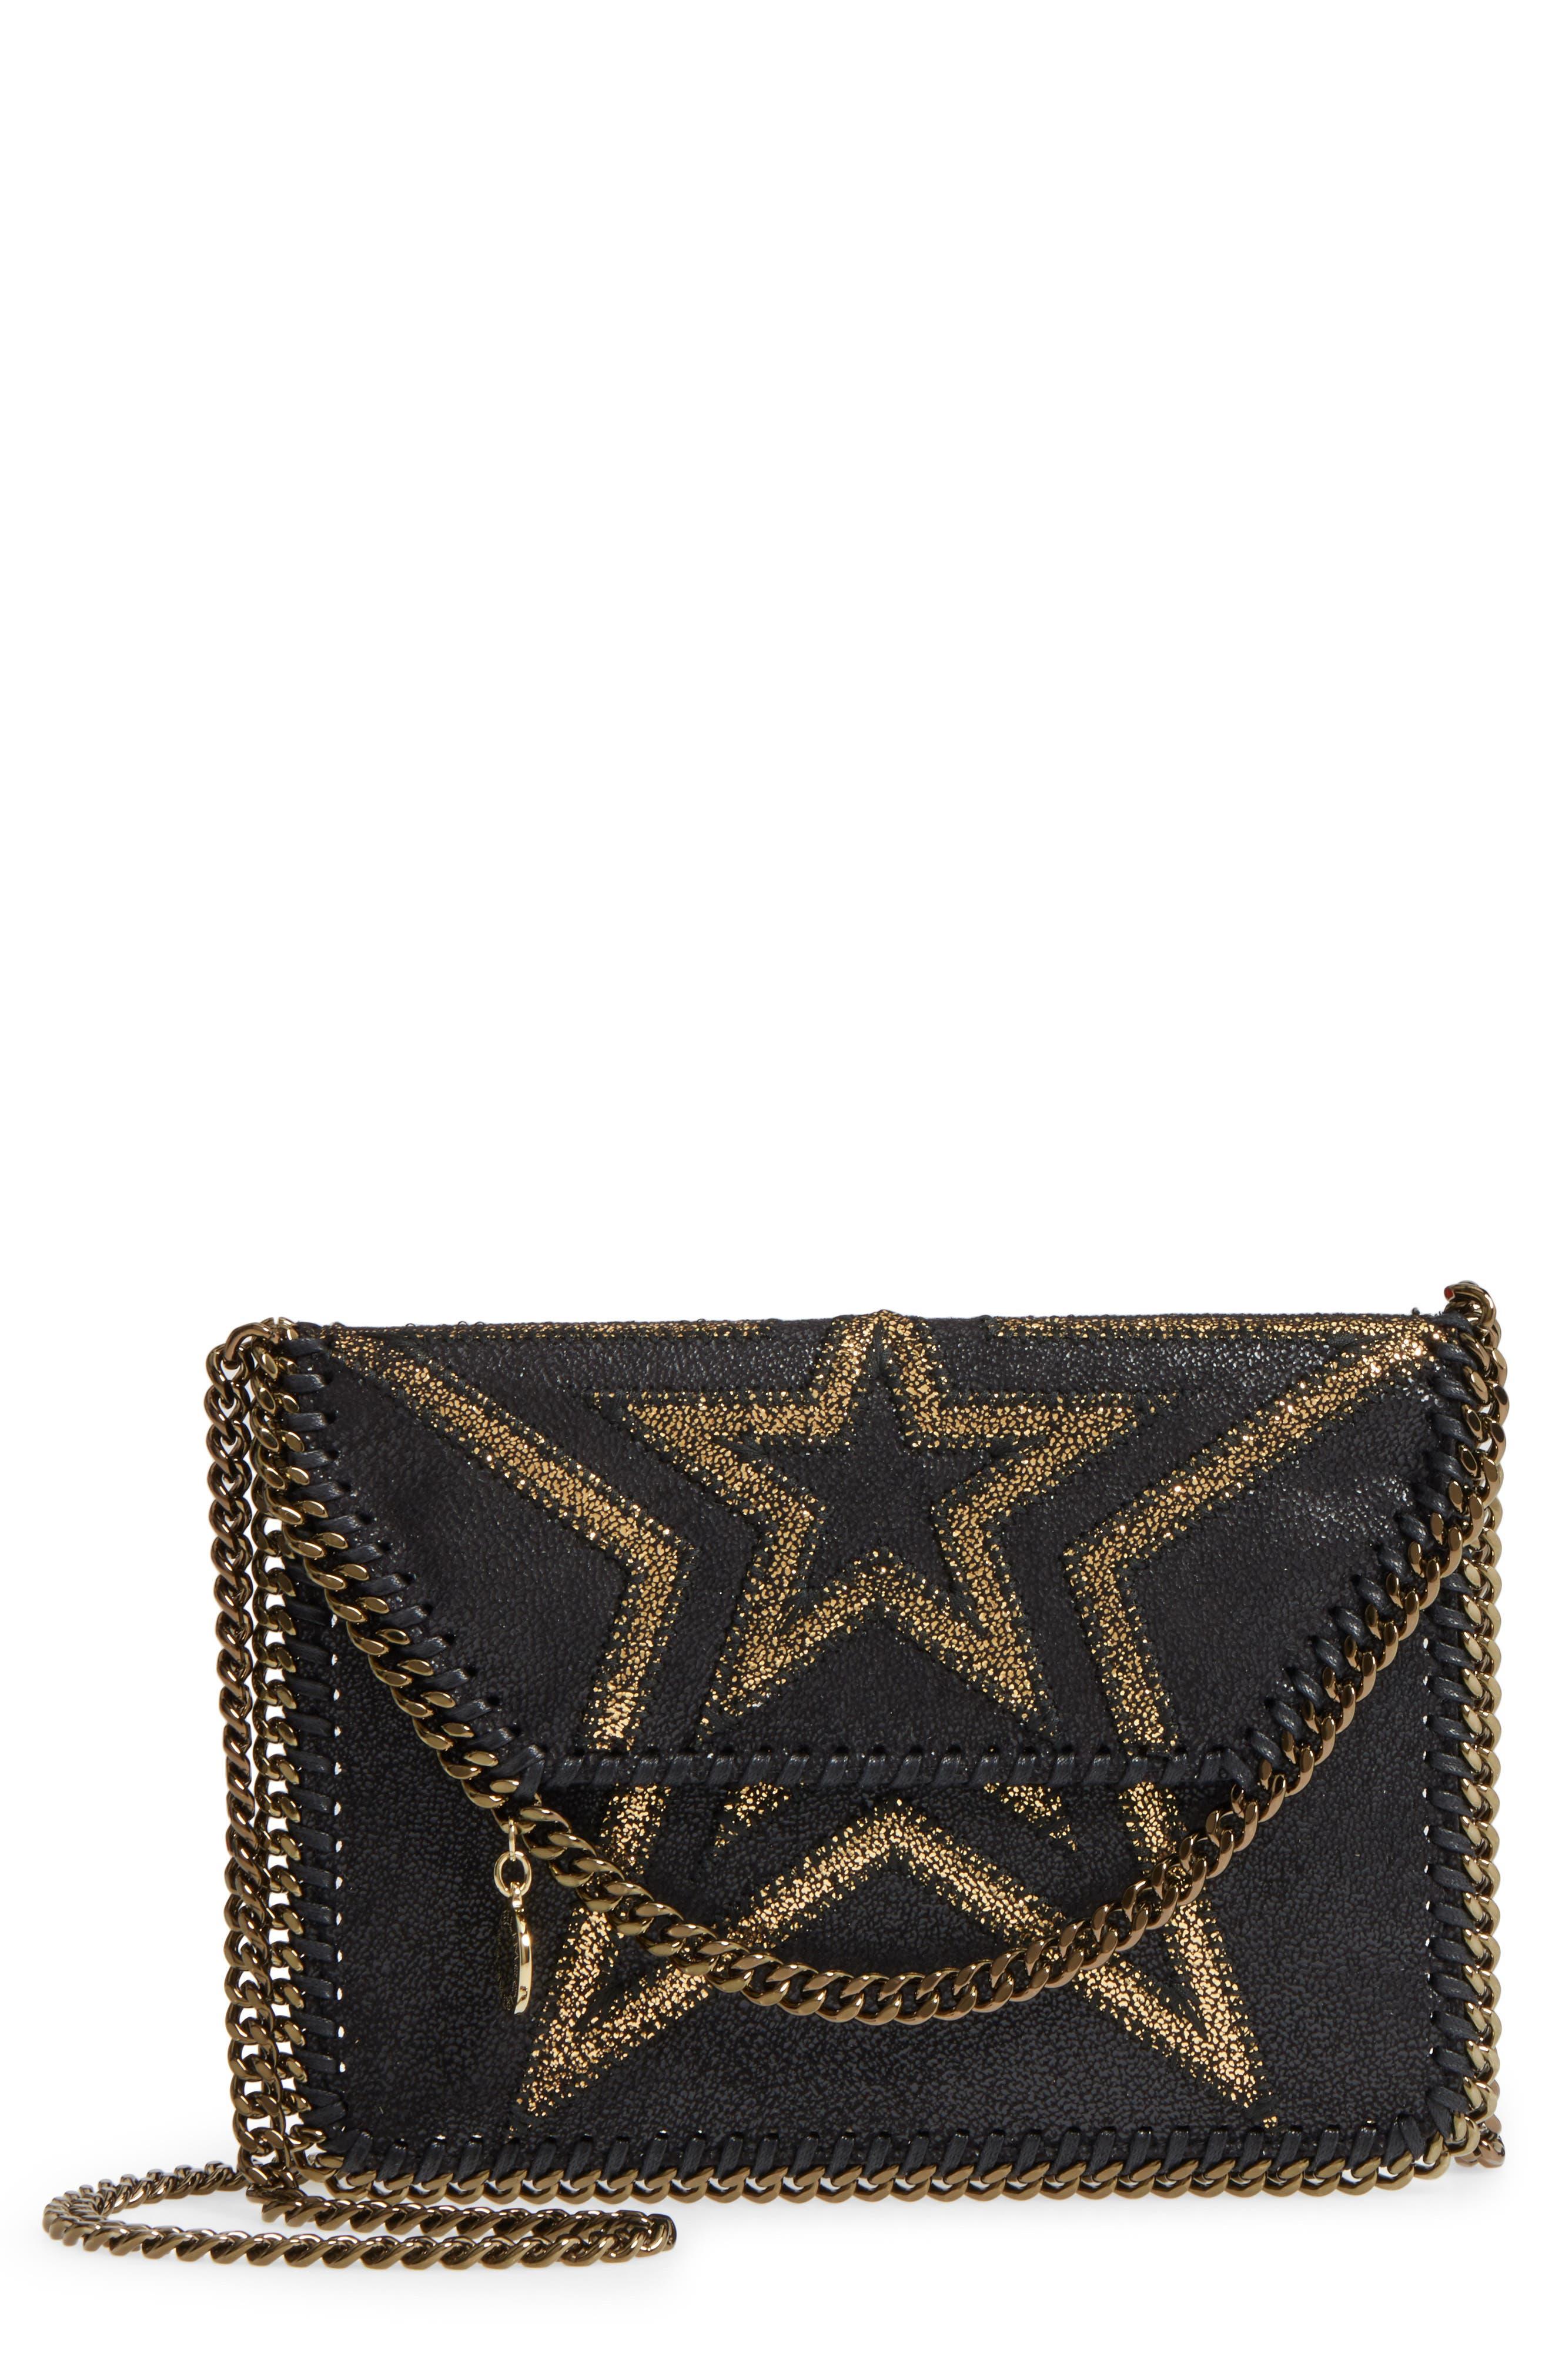 Stella McCartney Mini Star - Shaggy Faux Leather Crossbody